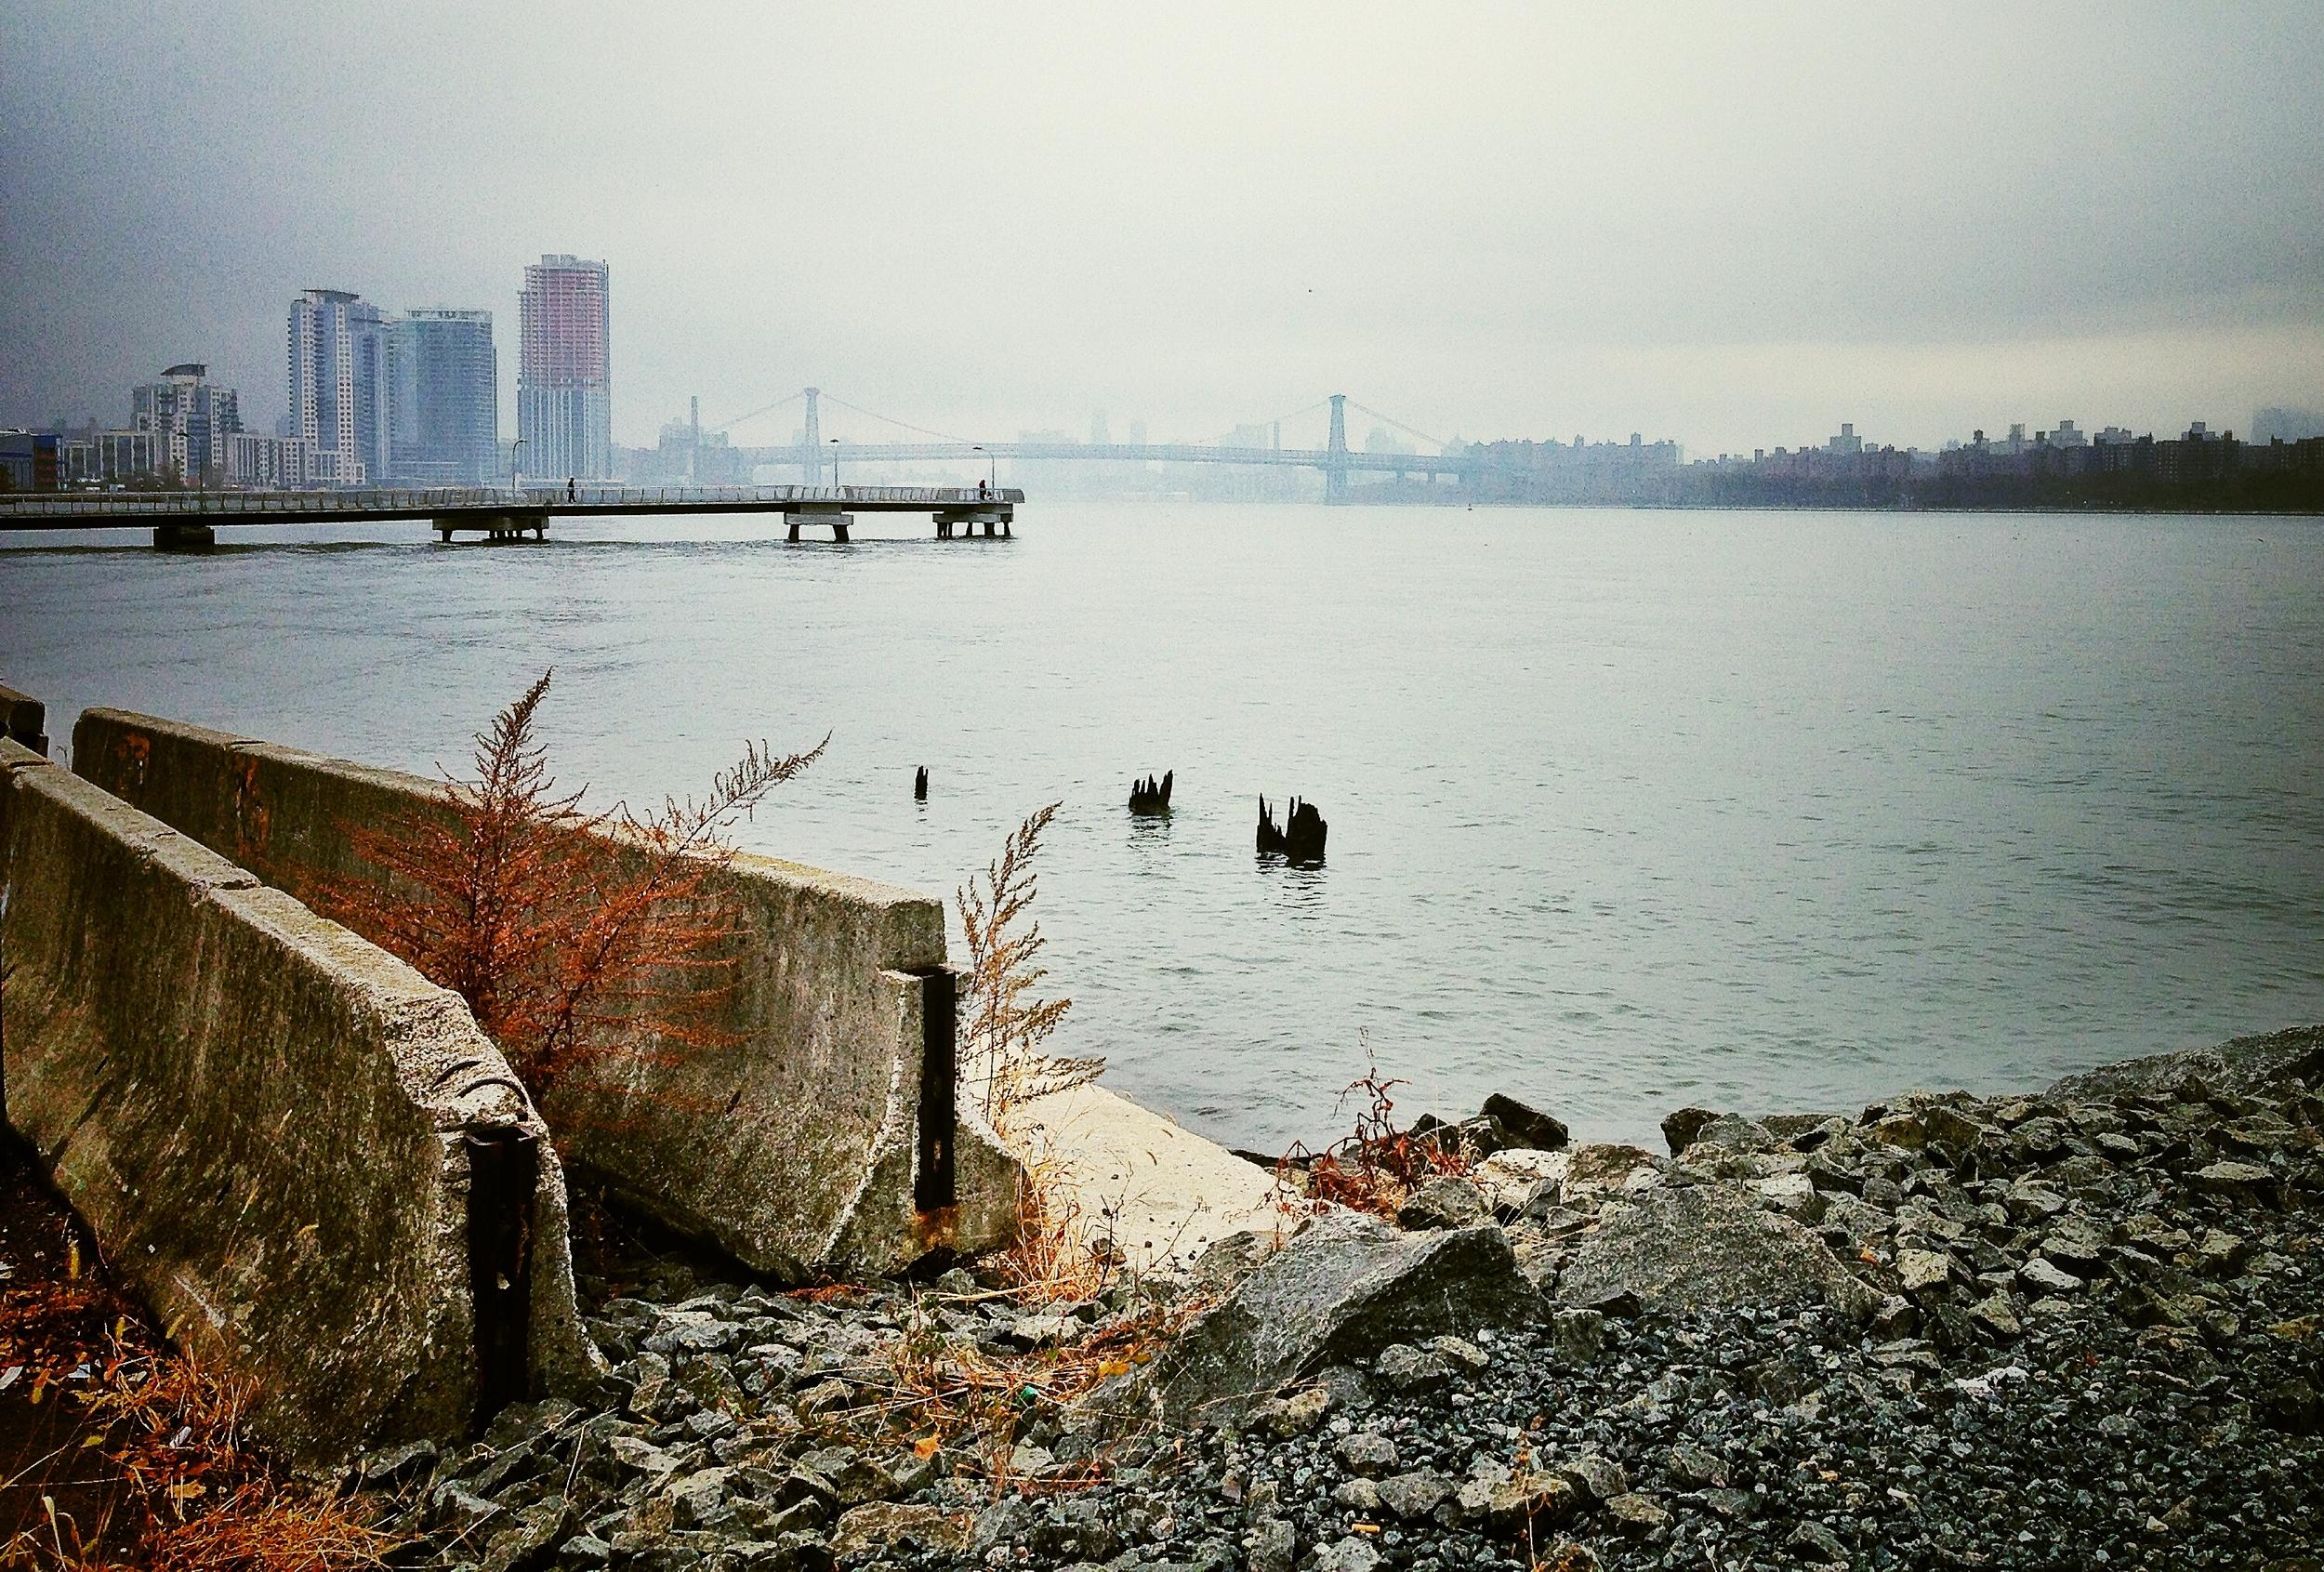 NYC in November